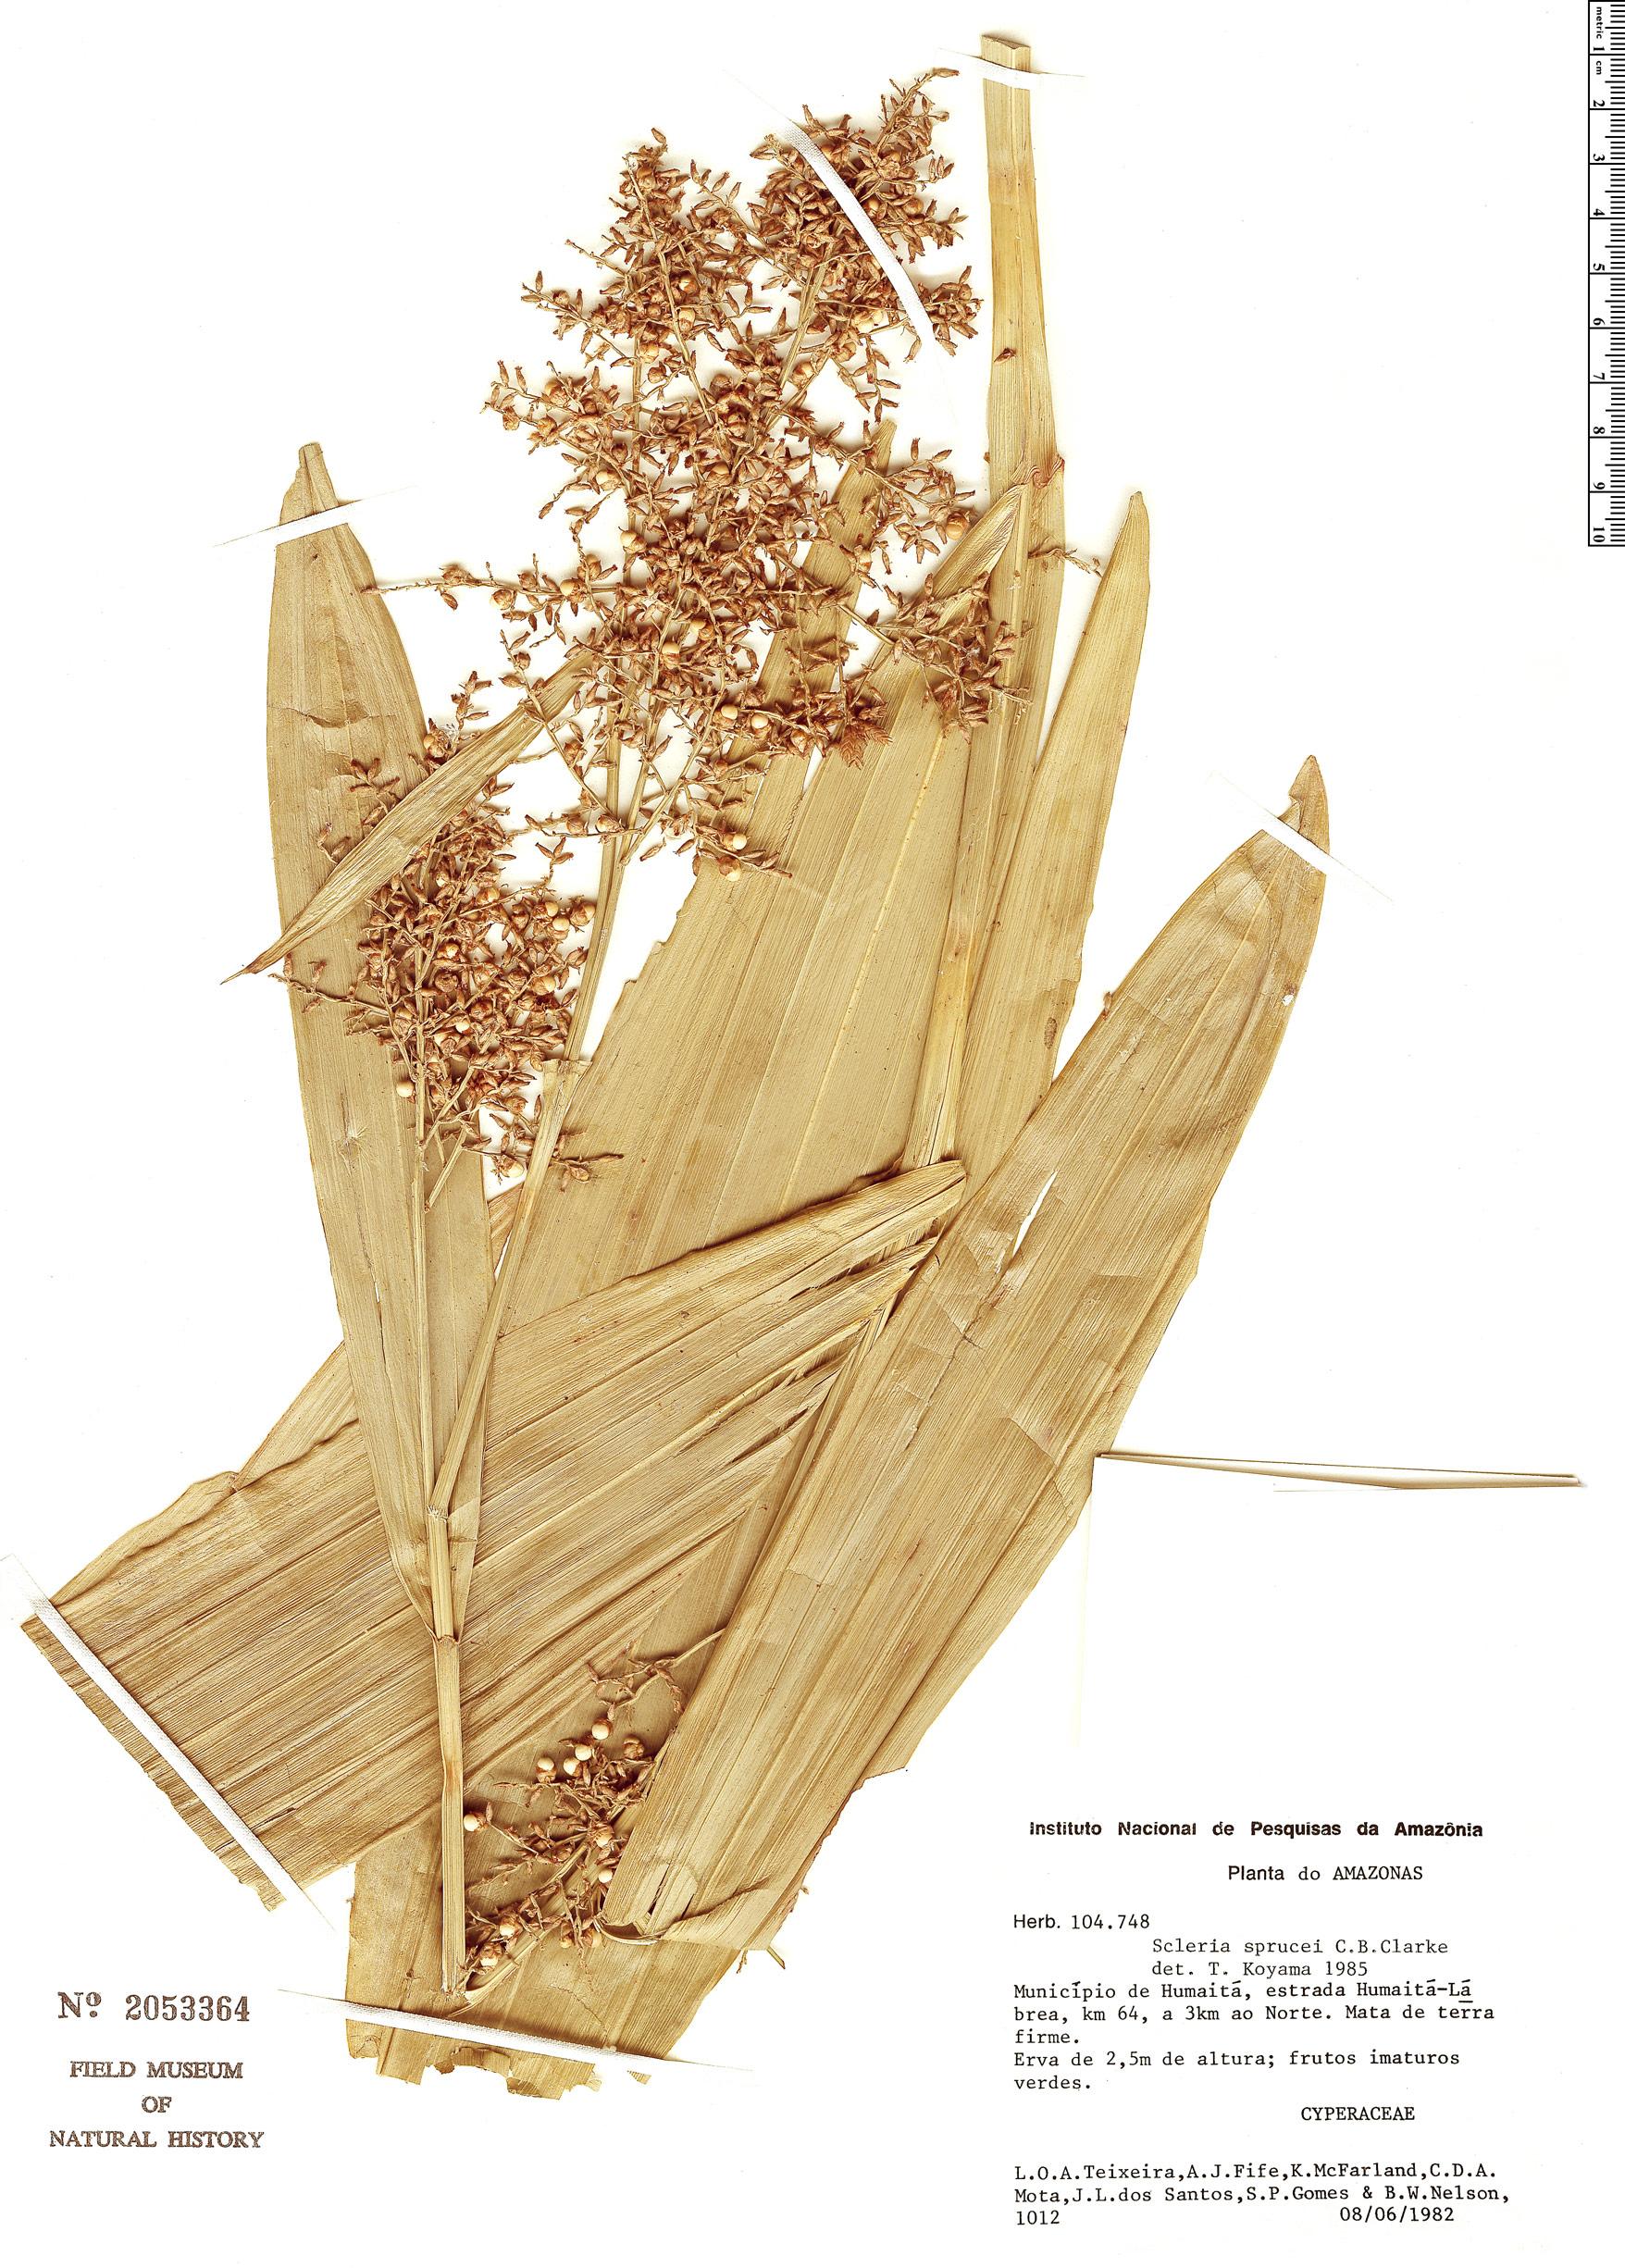 Specimen: Scleria sprucei